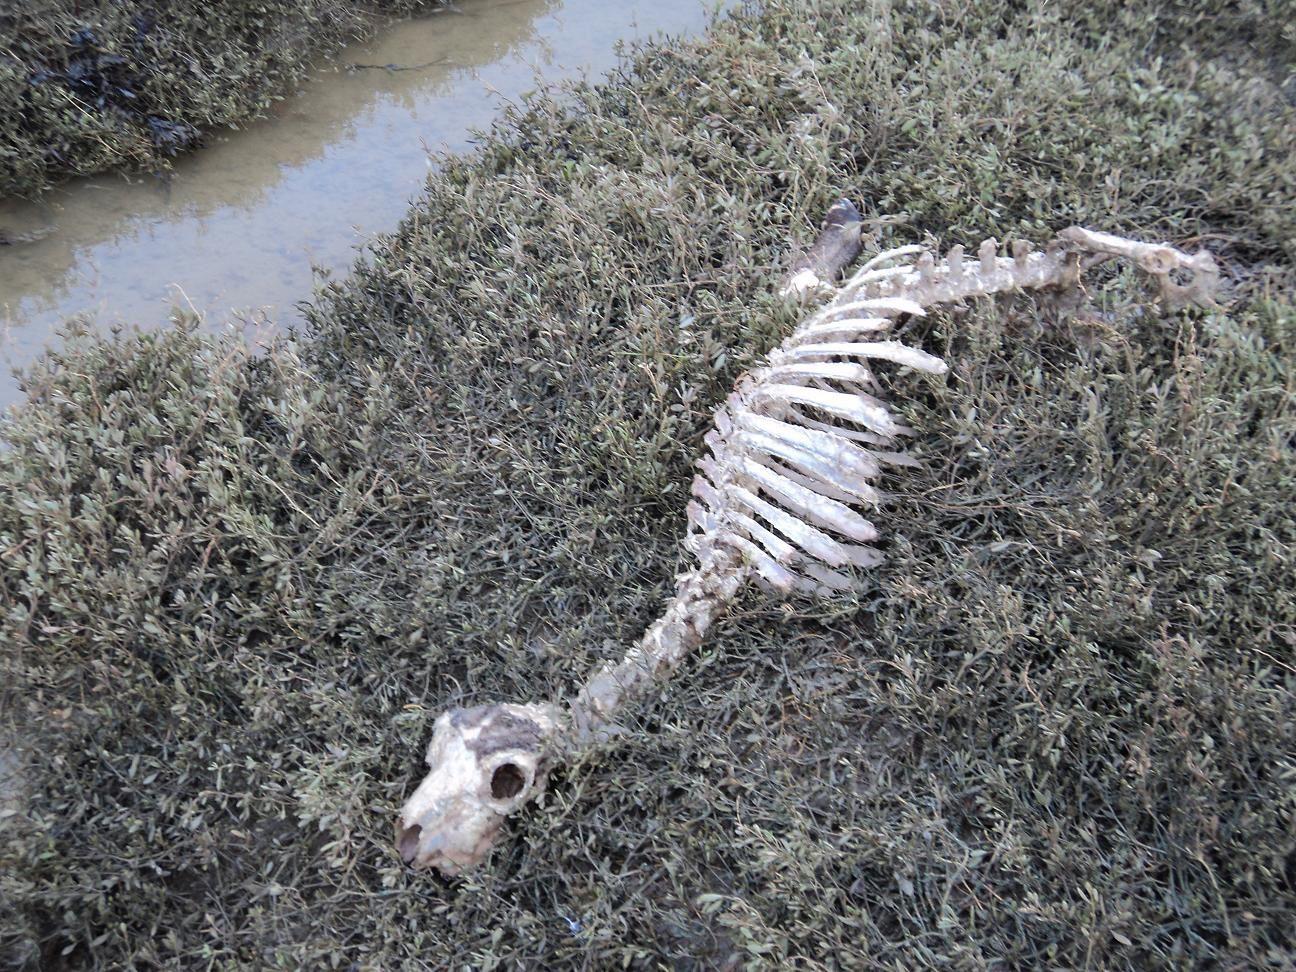 Si l'hiver est la saison des naissances, c'est aussi la période des macabres destinées... Les brebis sont alourdies par leur gros ventre de gestation et les ruisseaux se transforment en pièges de vase mortels. En dépit des multiples tournées de surveillance le long des points dangeureux, le berger de prés-salés arrive souvent trop tard : en 48h, les corbeaux, puis les renards, et enfin les petits crustacés lui restituent un squelette dénudé et immaculé, que la marée suivante soulèvera et déposera sur l'herbe. L'identification de la défunte ne pourra se faire qu'en réalisant l'inventaire de toutes les autres...